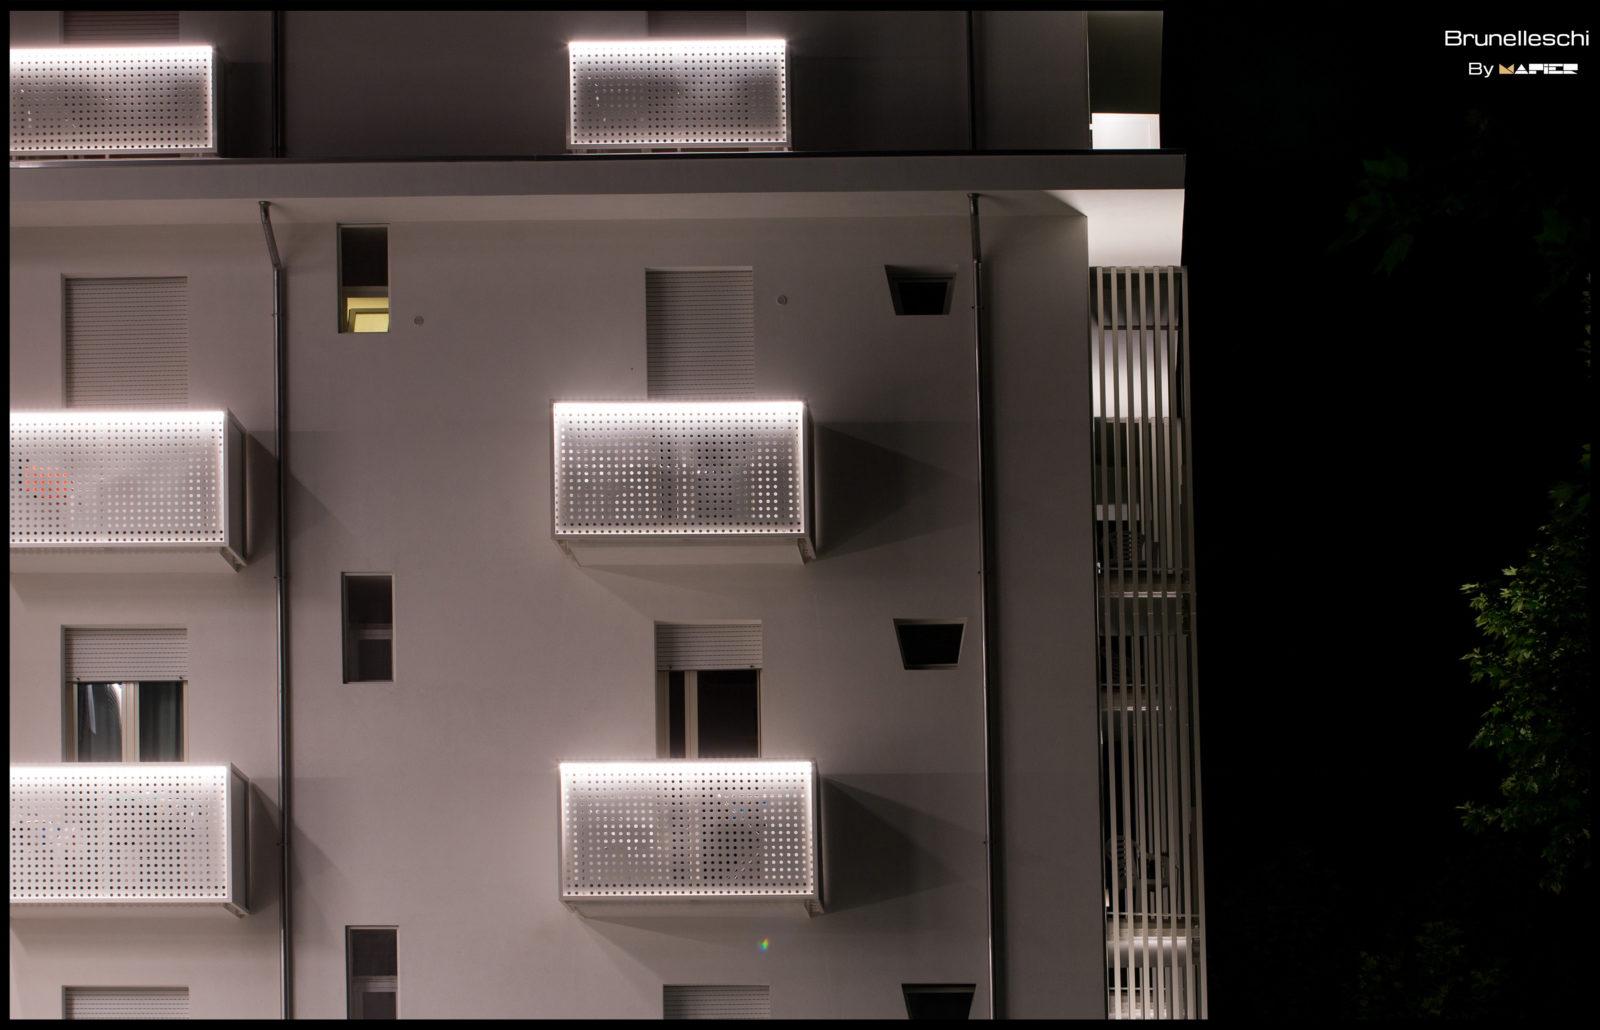 Clôture modèle «Brunelleschi»